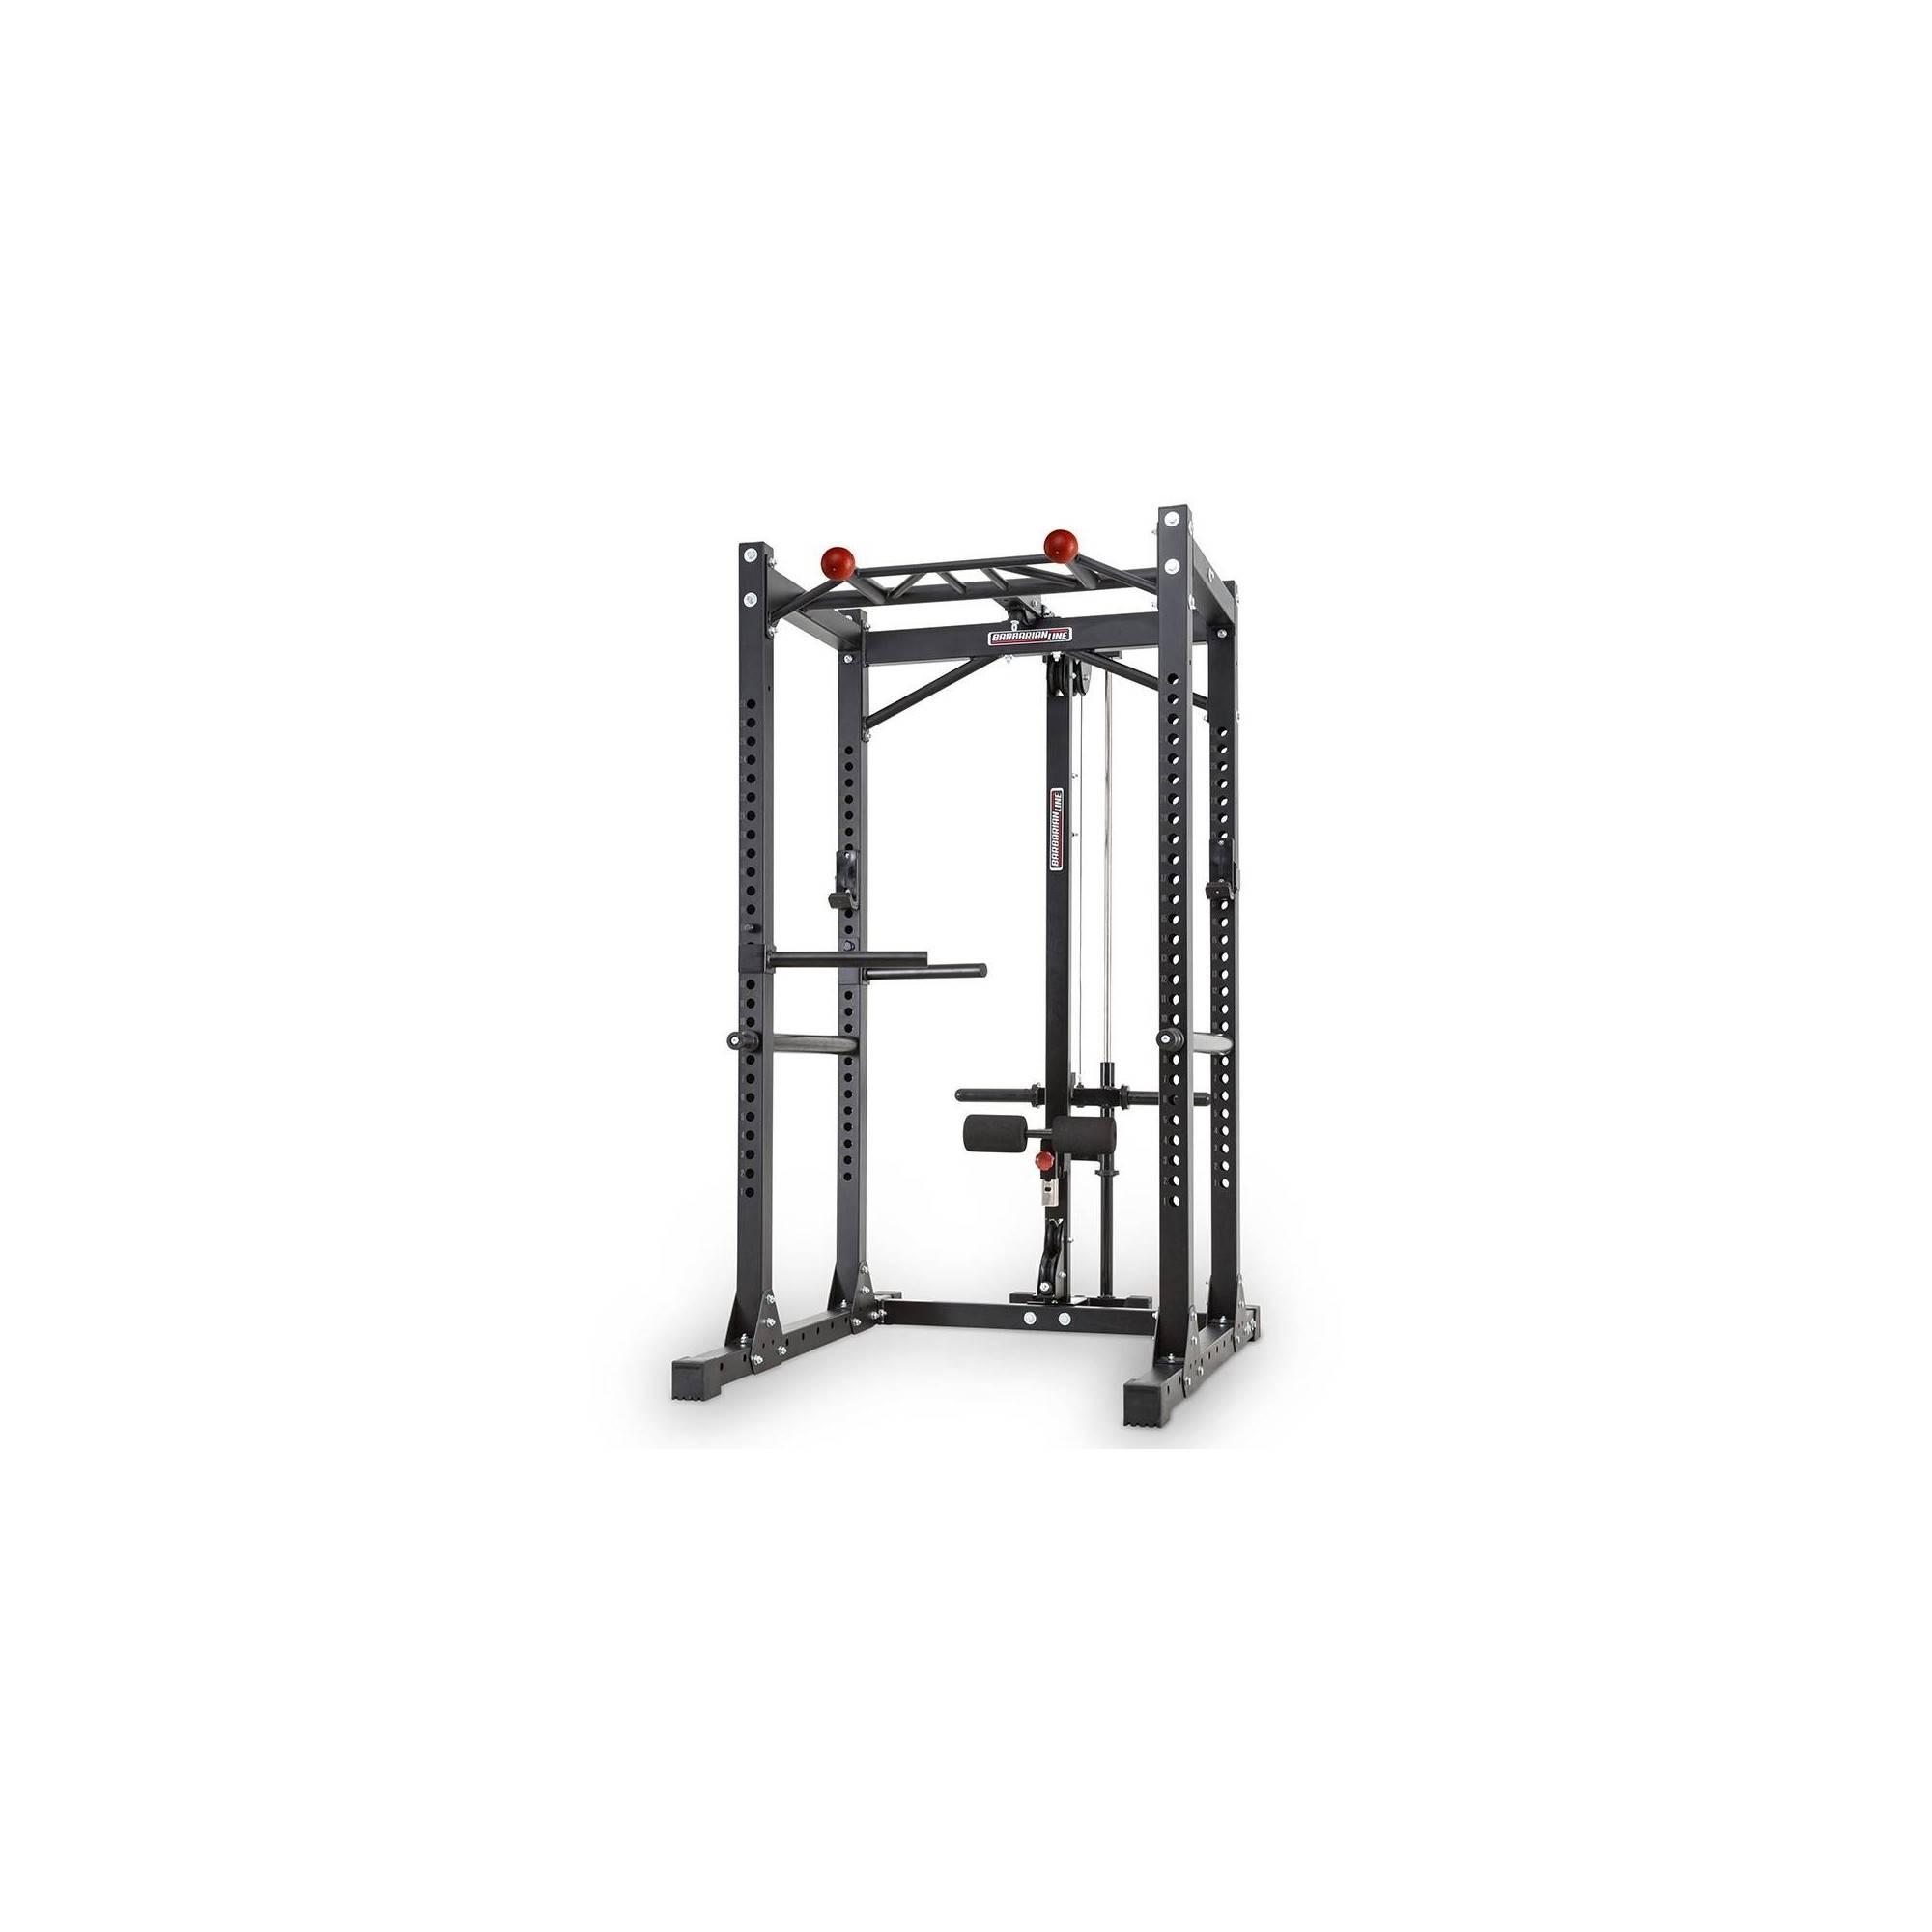 Klatka treningowa full rack Barbarian-Line BB-VP-31000 z wyciągiem,producent: Barbarian-Line, zdjecie photo: 1 | online shop klu